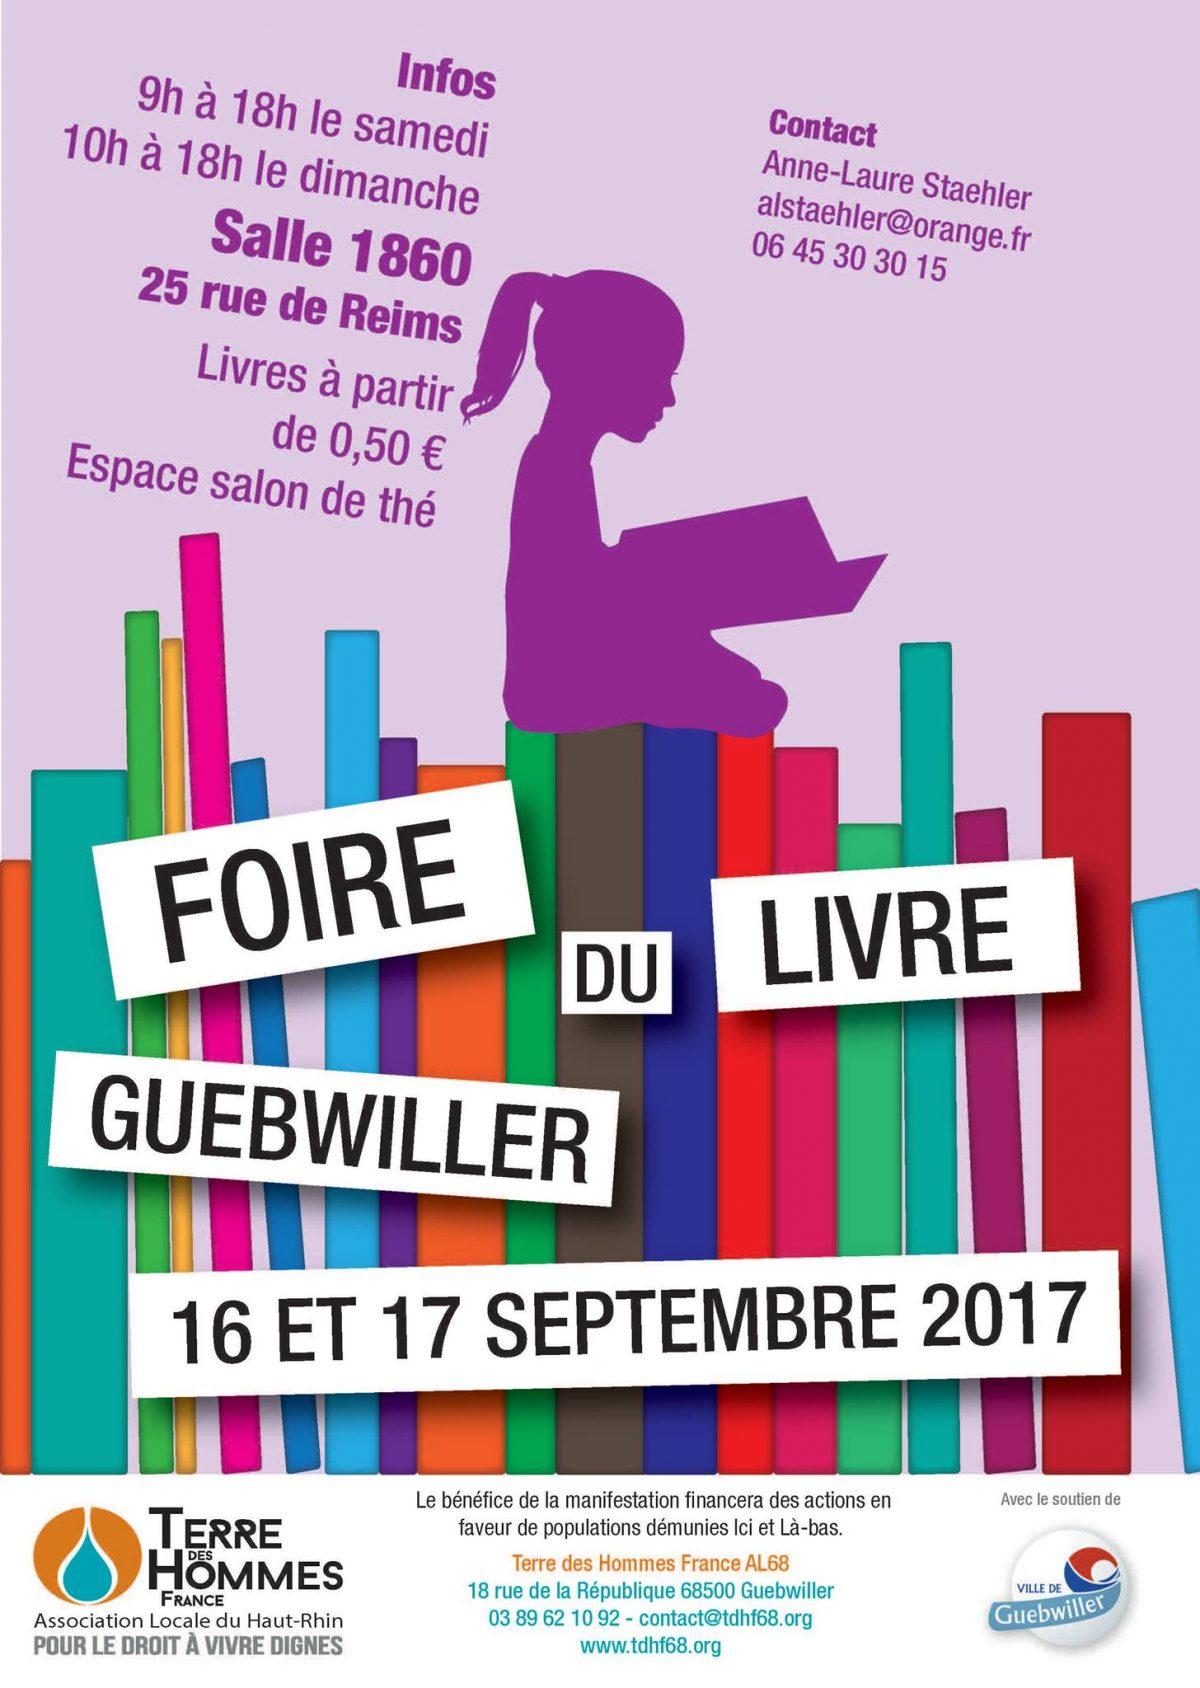 Foire du Live Guebwiller 16 et 17 septembre 2017. Terre des Hommes France. Association Locale du Haut-Rhin pour le droit à vivre dignes.